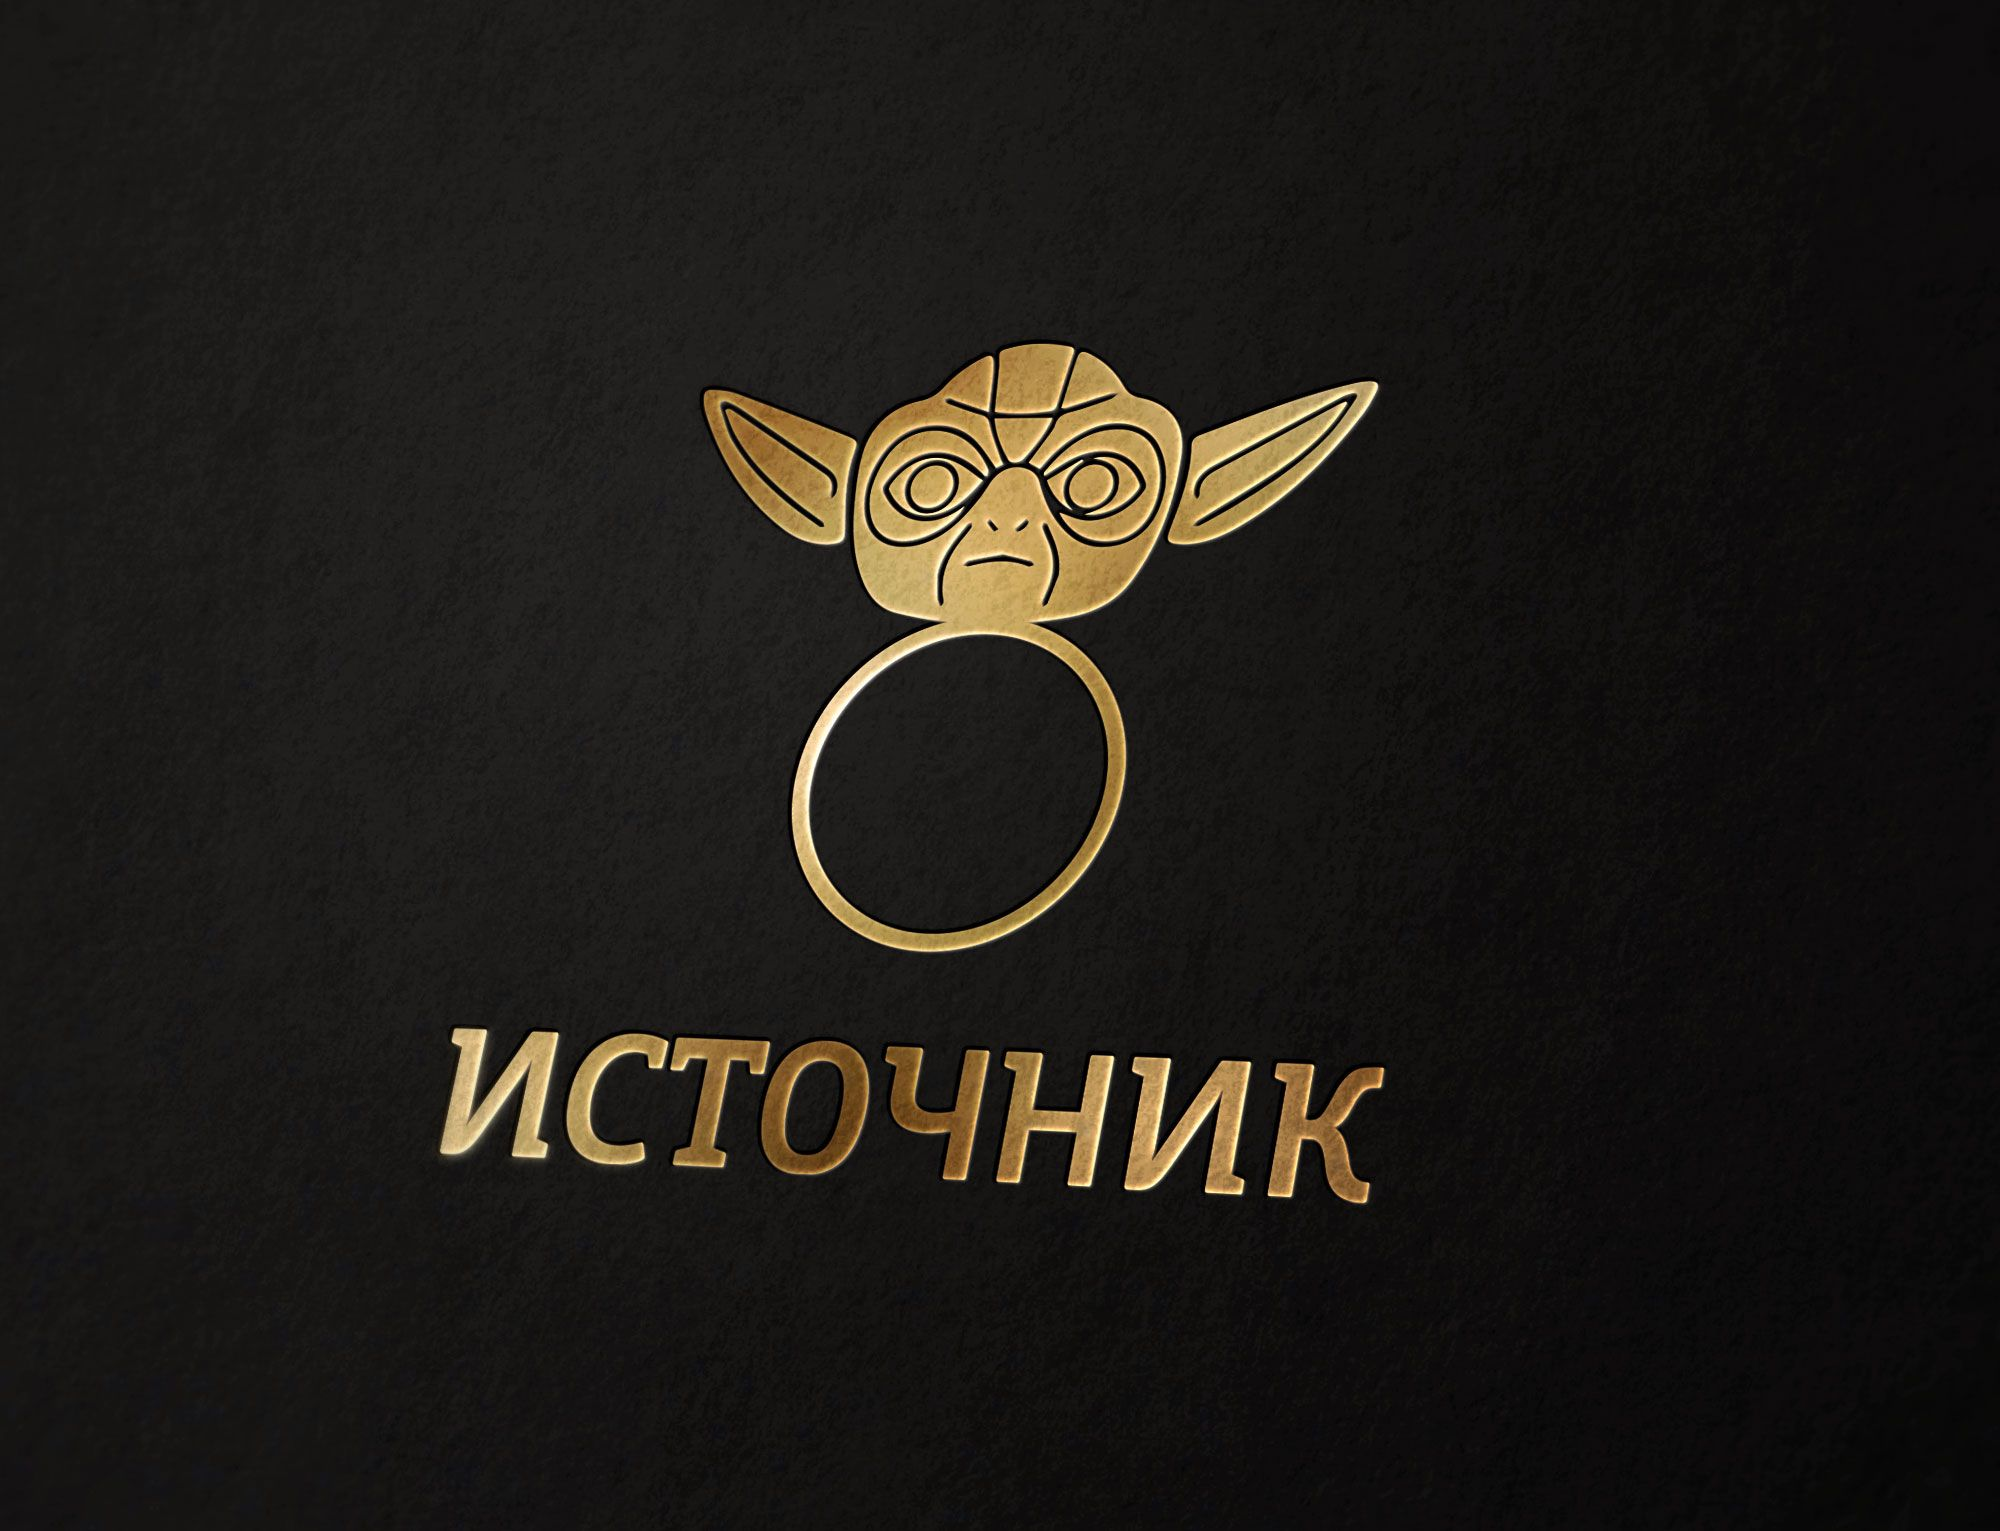 Логотип для магазина Украшений из Фильмов - дизайнер TanOK1